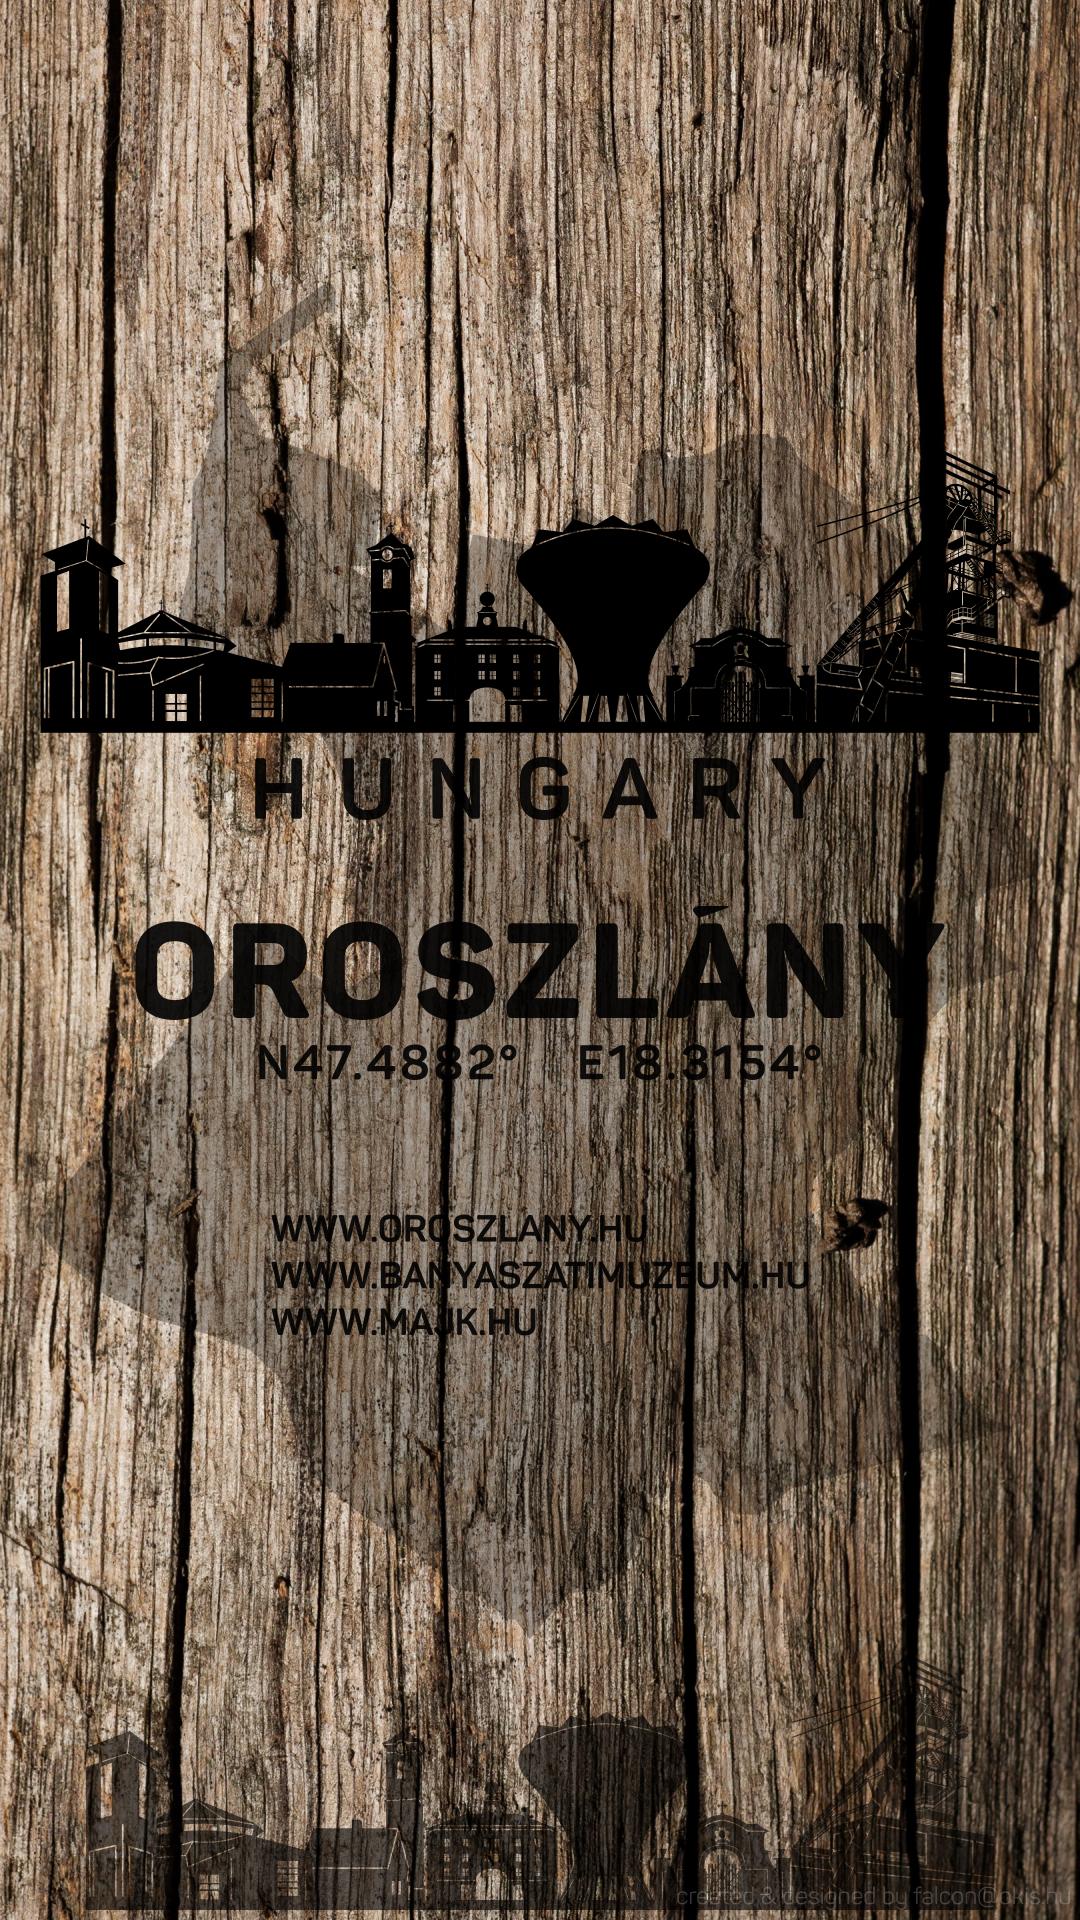 magyarország térkép oroszlány Oroszlány   Magyarország Silhouette SkyLine Art Map for Mobilphone  magyarország térkép oroszlány